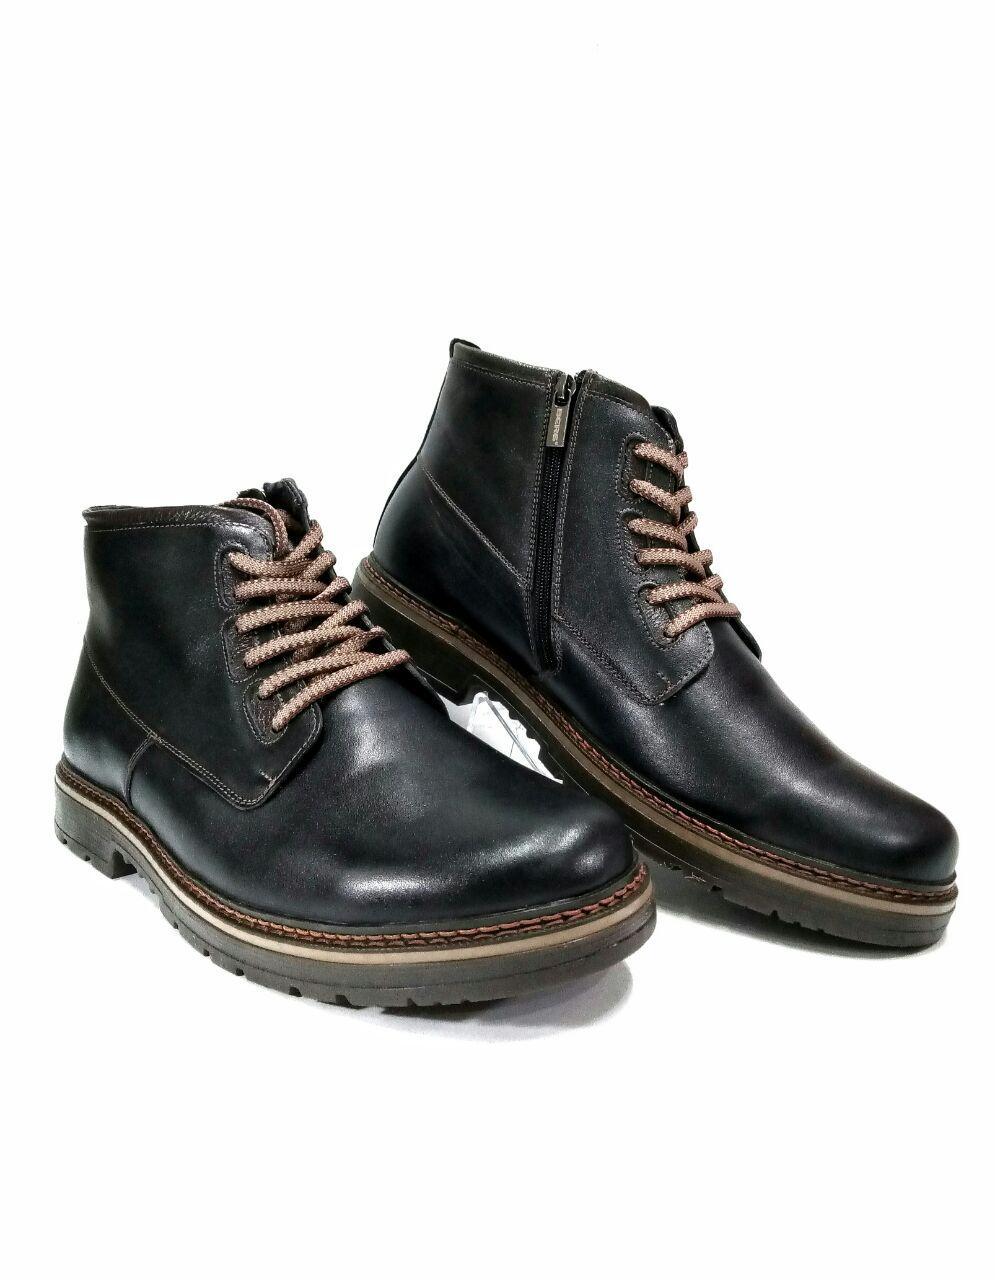 a4f55d735d9c Зимние мужские ботинки больших размеров из натуральной кожи Berg 594